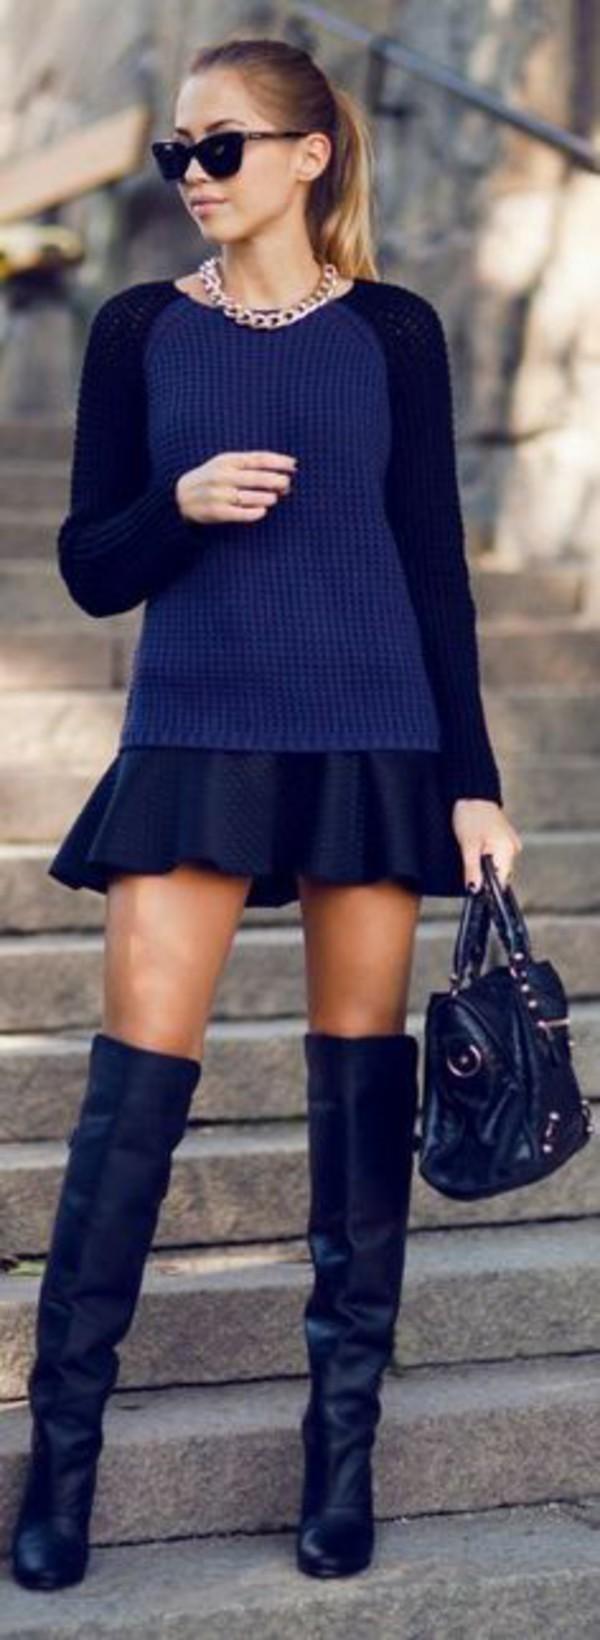 Ваша цель темно синие сапоги с черным коротким платьем планируете заниматься